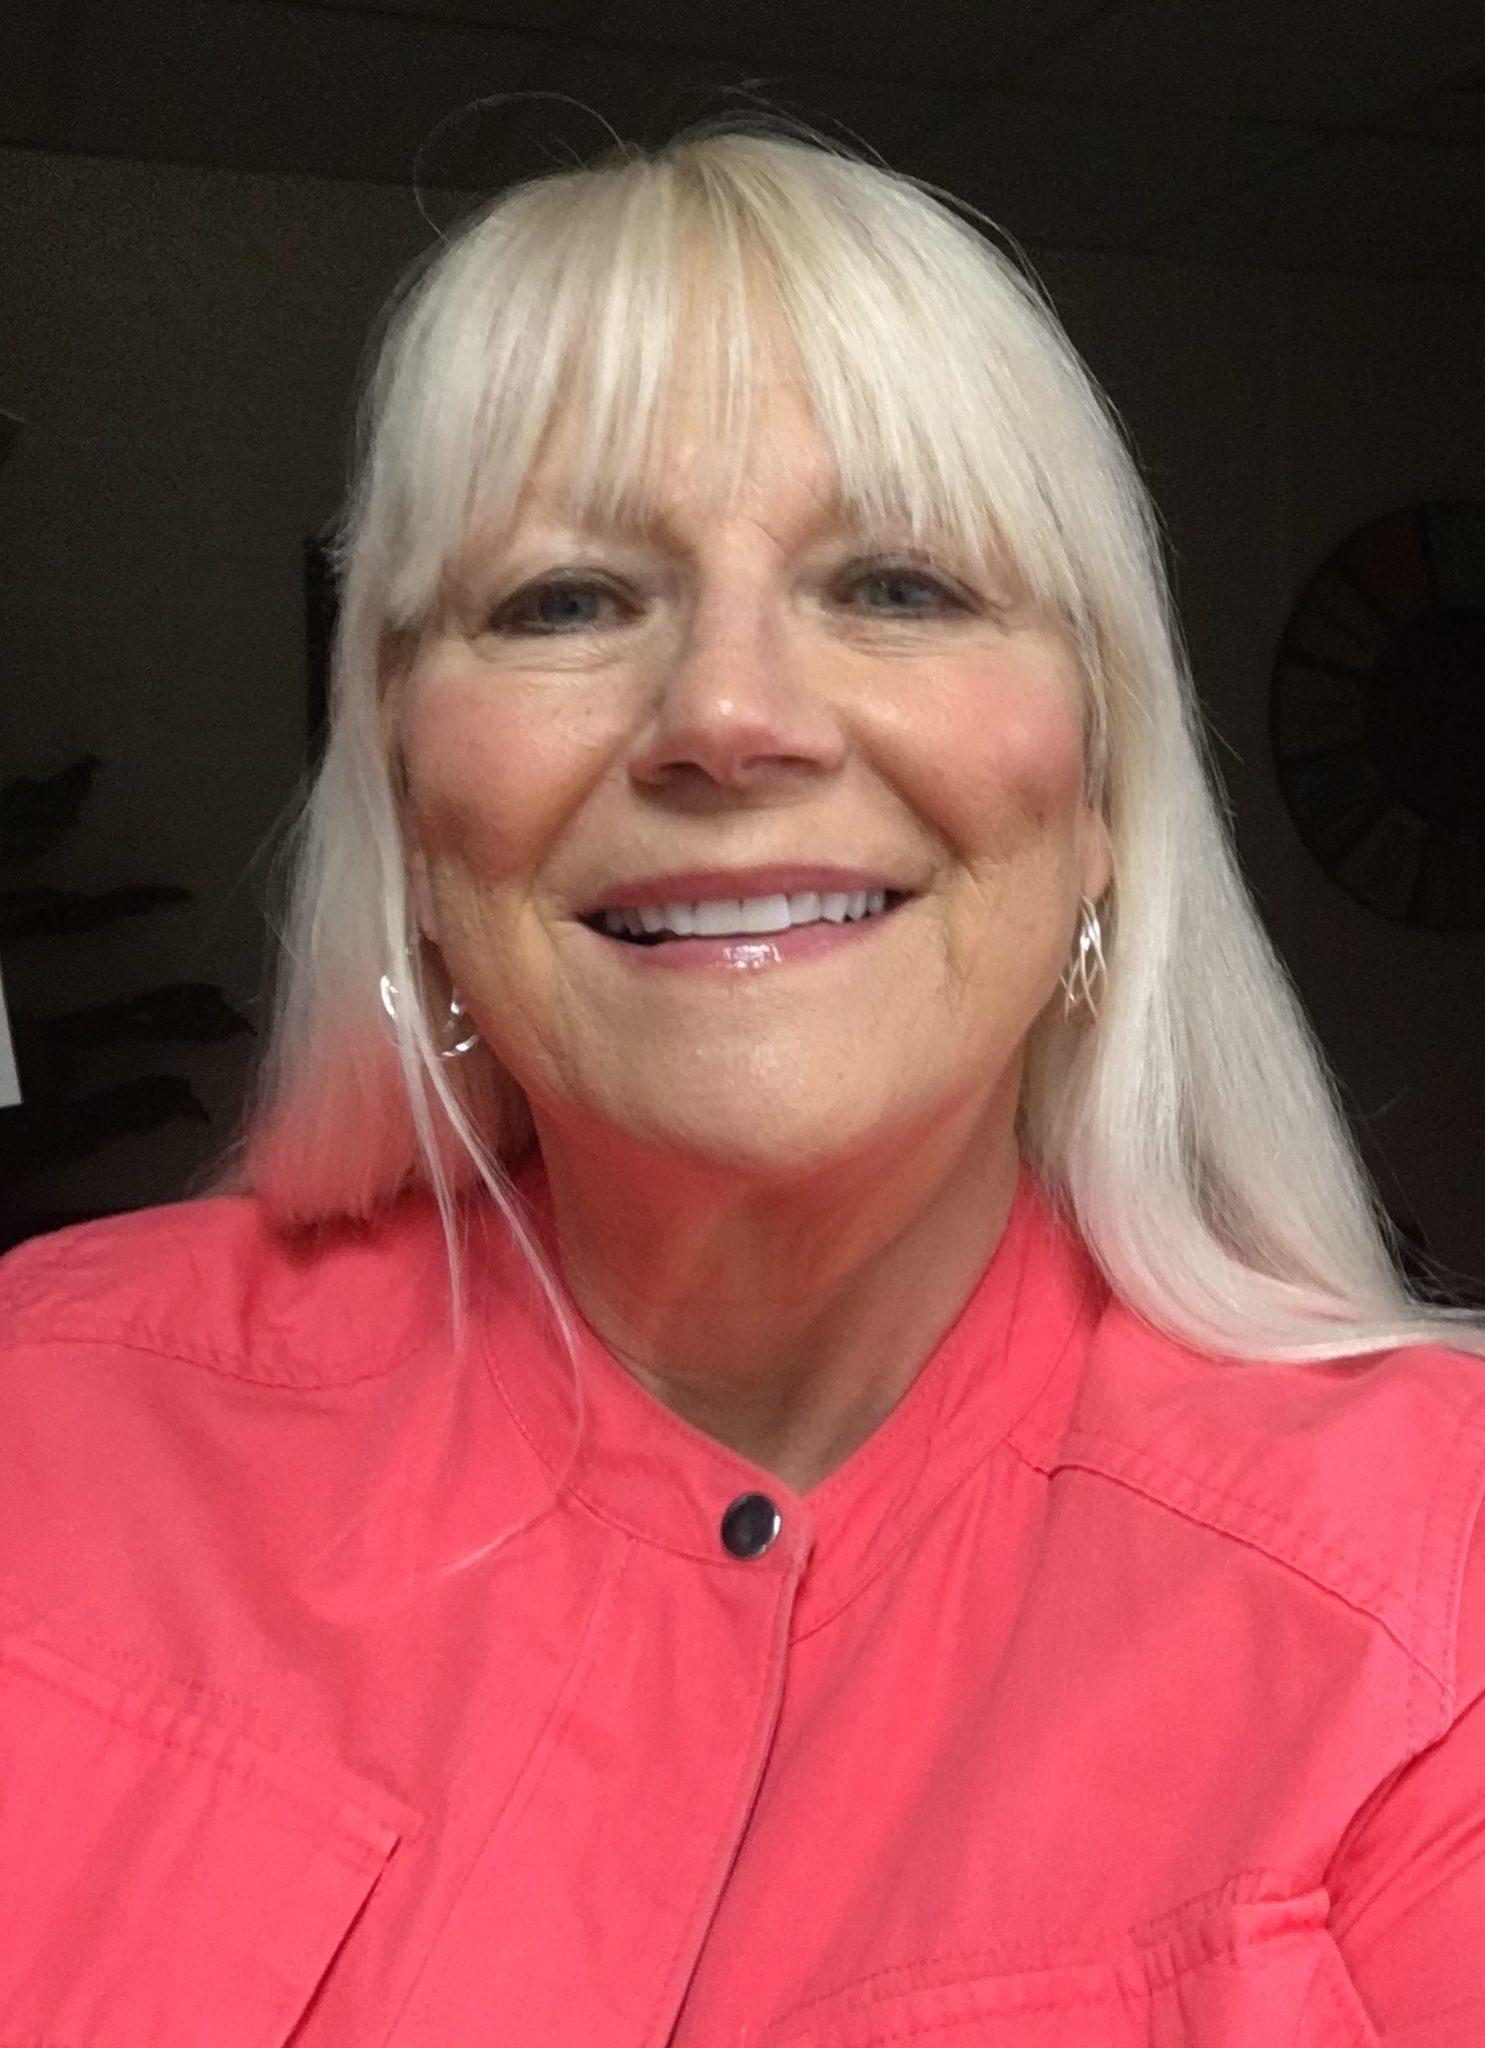 Full Name: Dr. Diane King